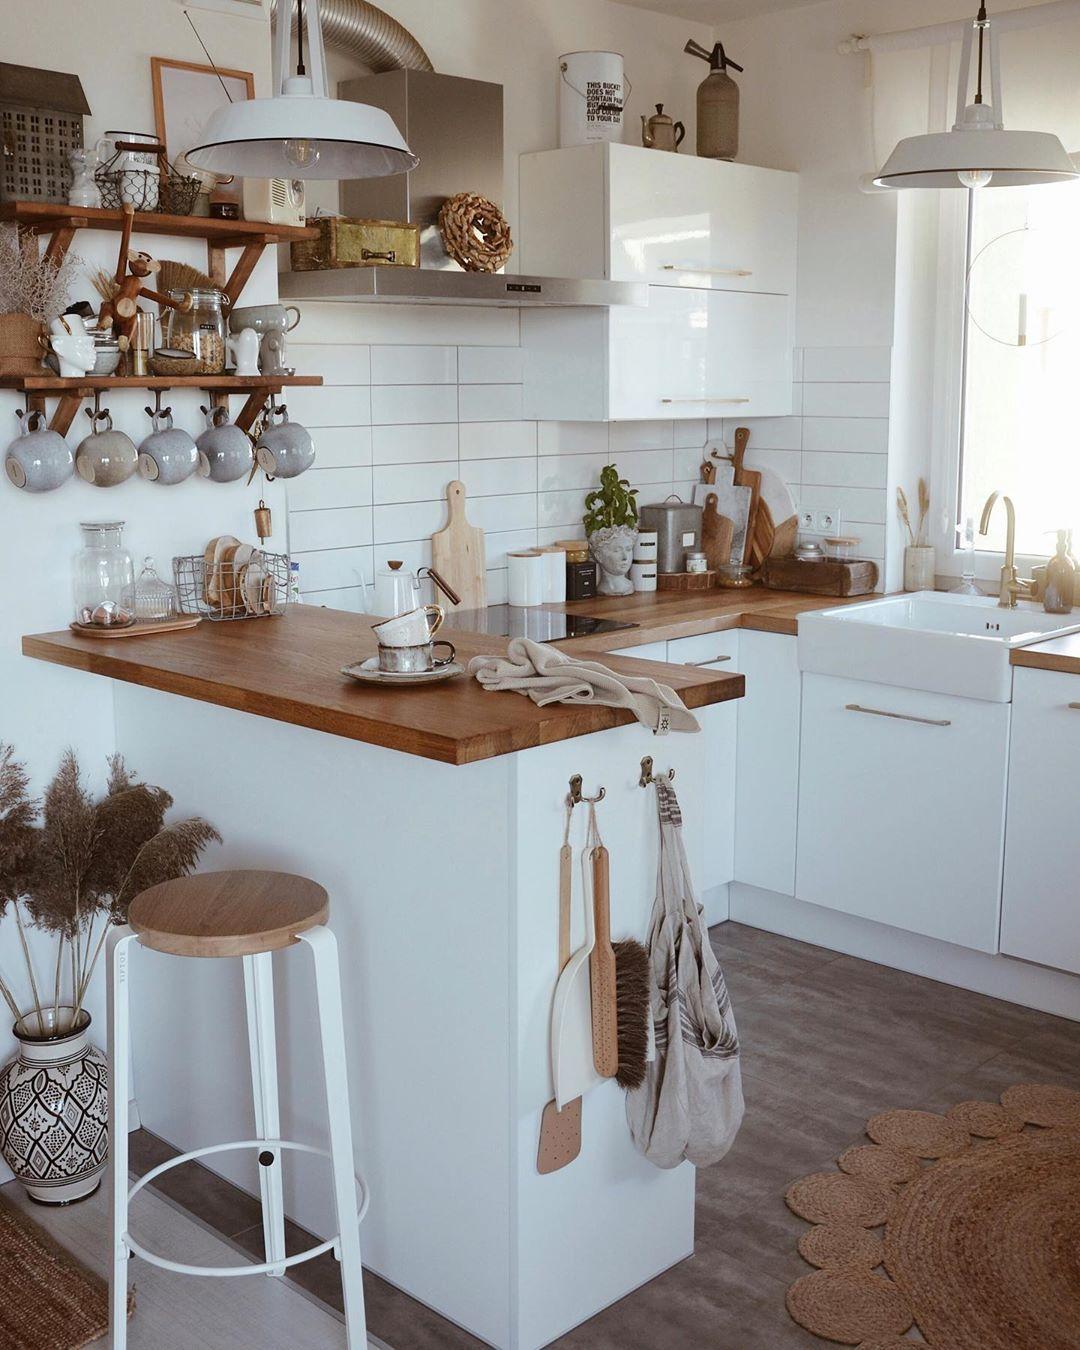 ikea small kitchen  12 Idées Déco pour Cuisine Scandinave   Decor ...